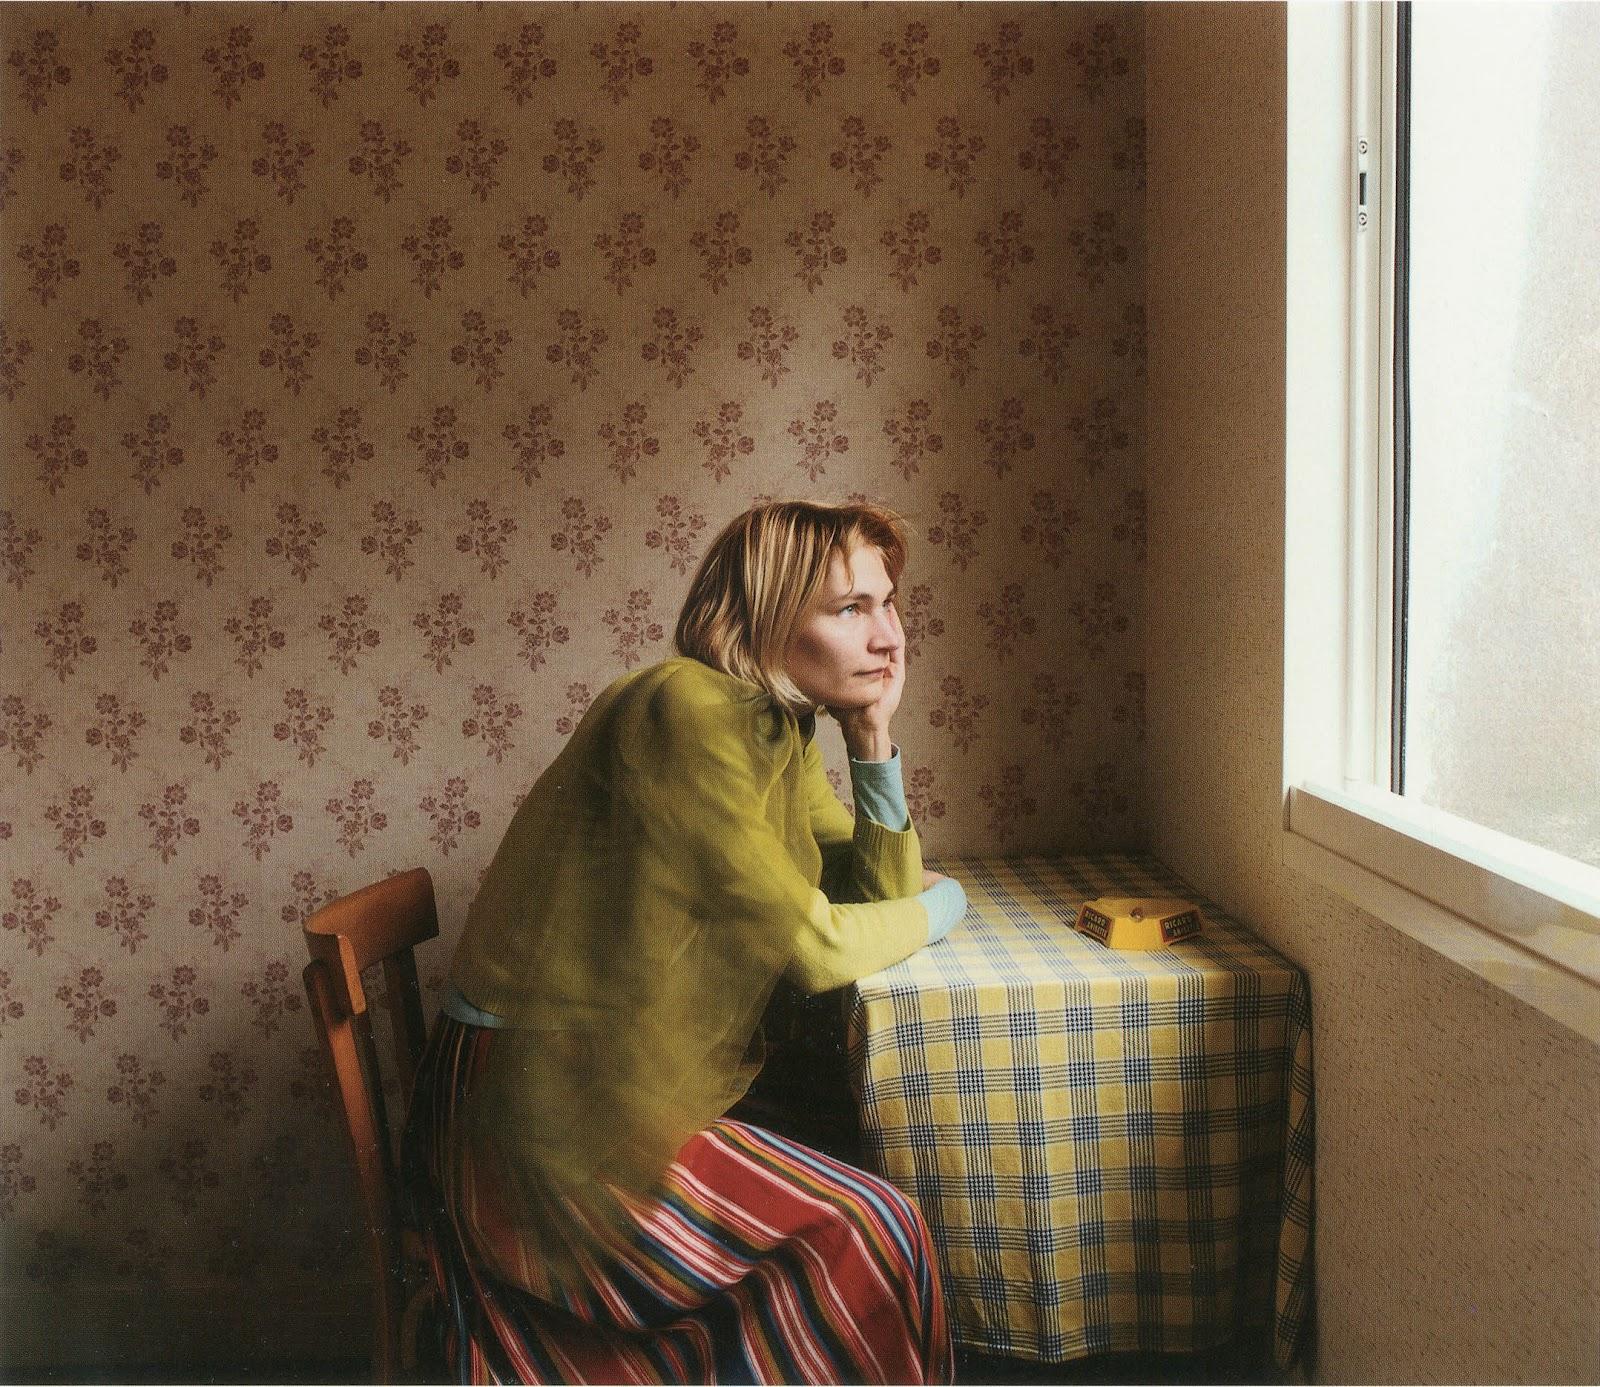 elena_brotherus_2-elina-brotherus-les-printemps-2001